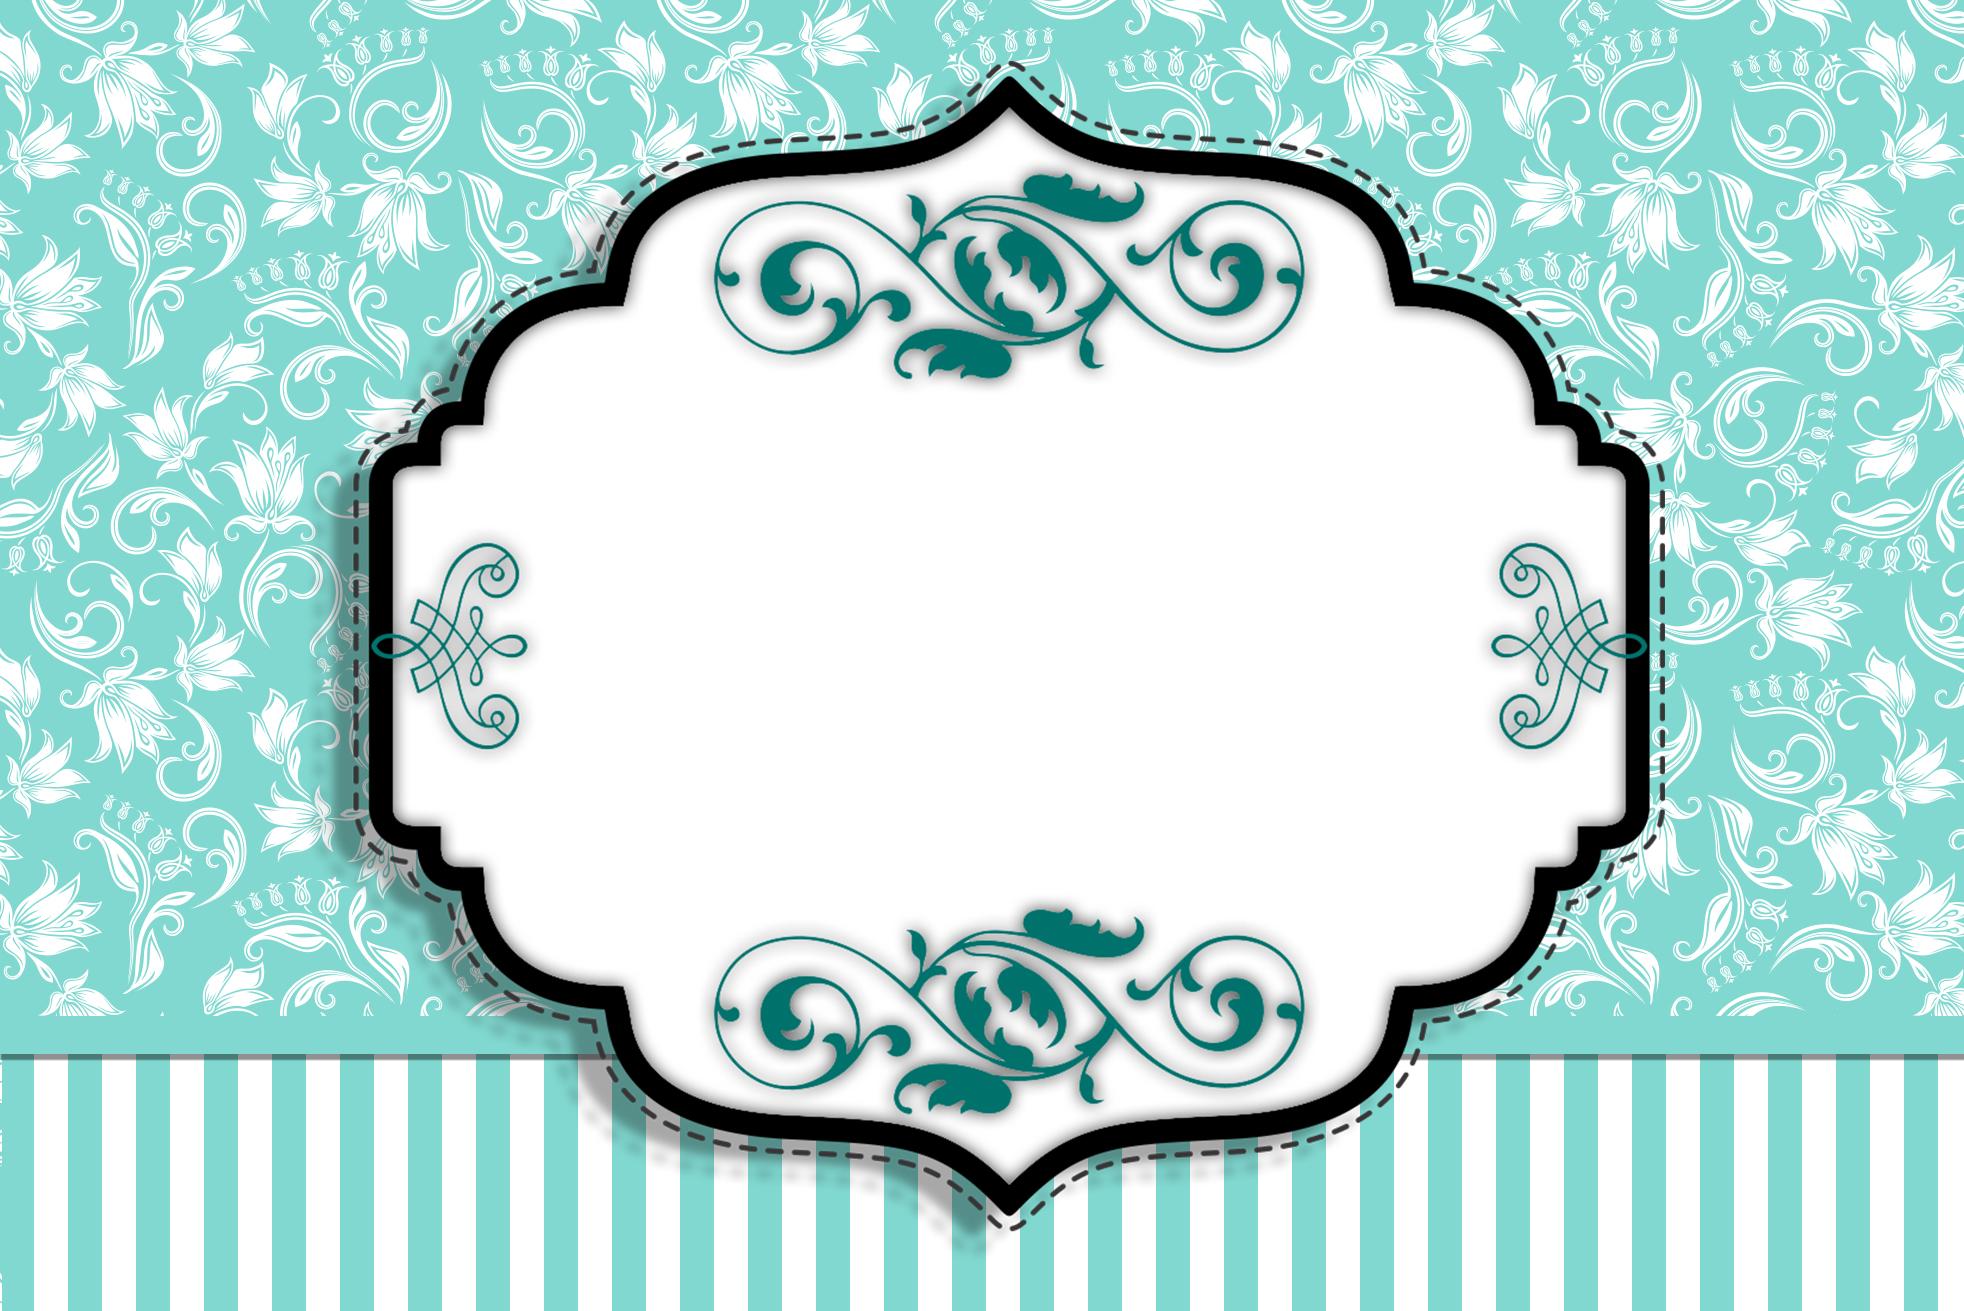 Kit Azul Tiffany Fazendo A Nossa Festa 10 Car Interior Design #257973 1964 1311